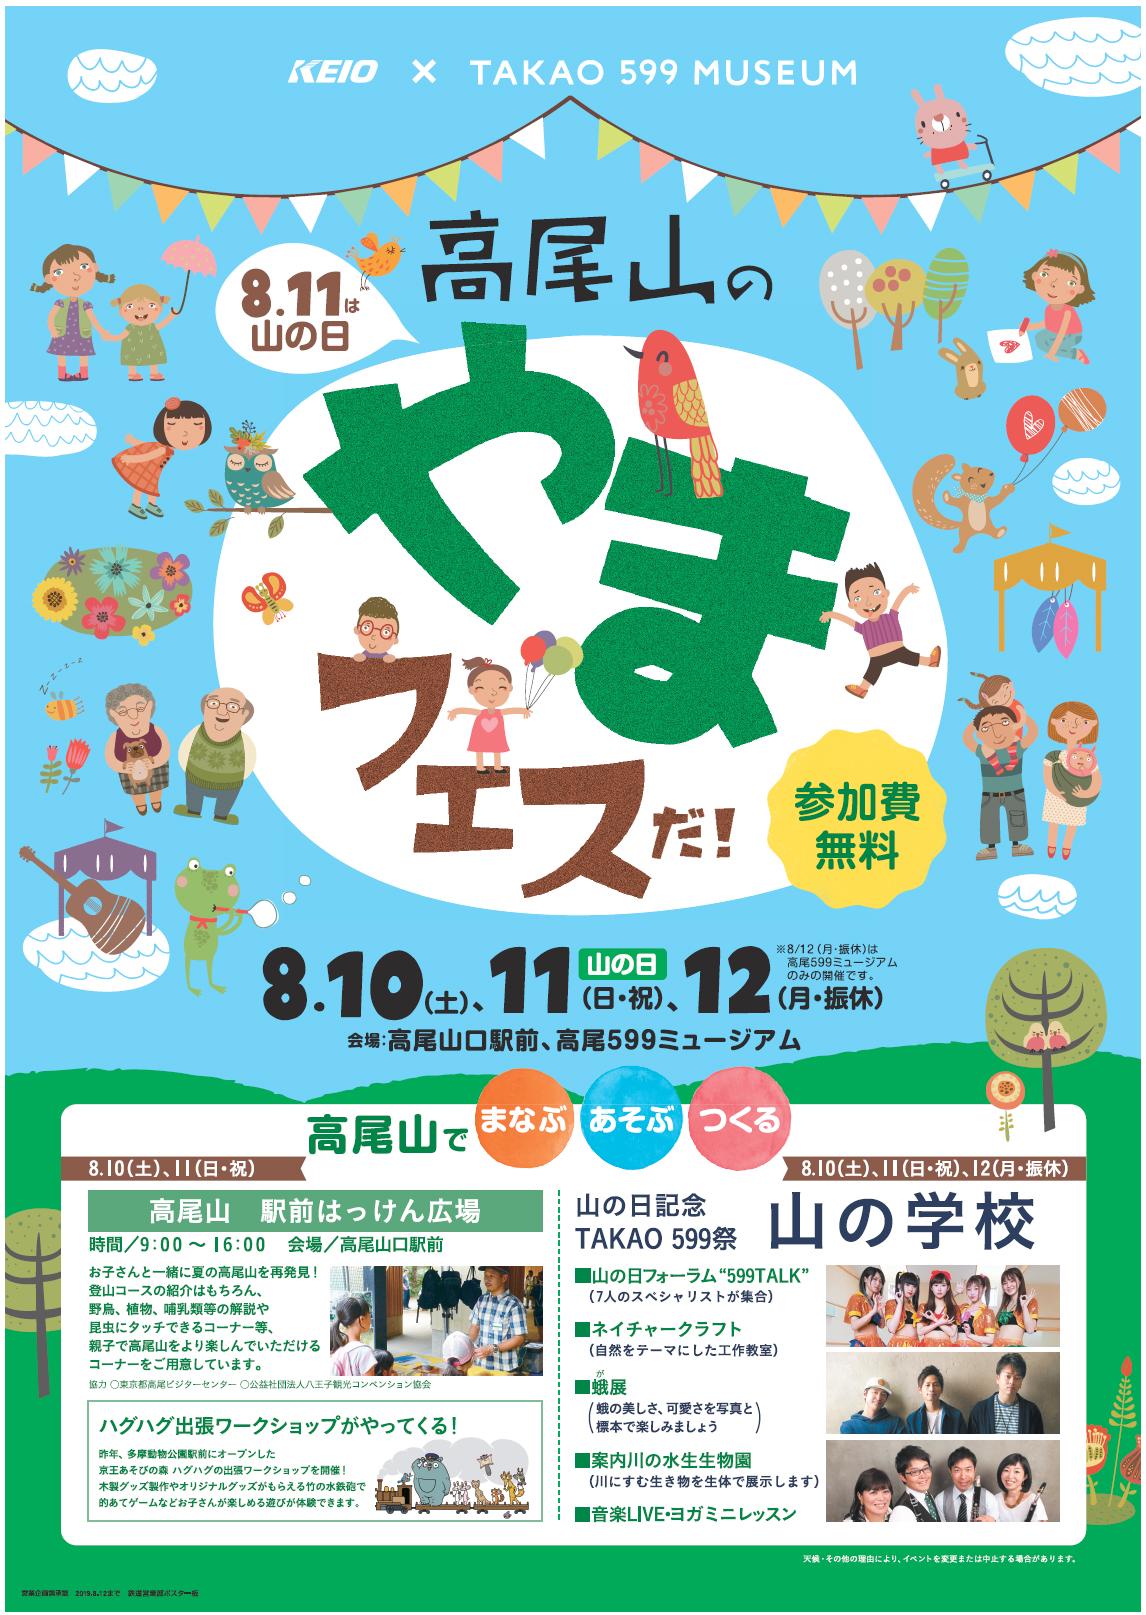 山の日に合わせて「高尾山のやまフェスだ!」を開催します!